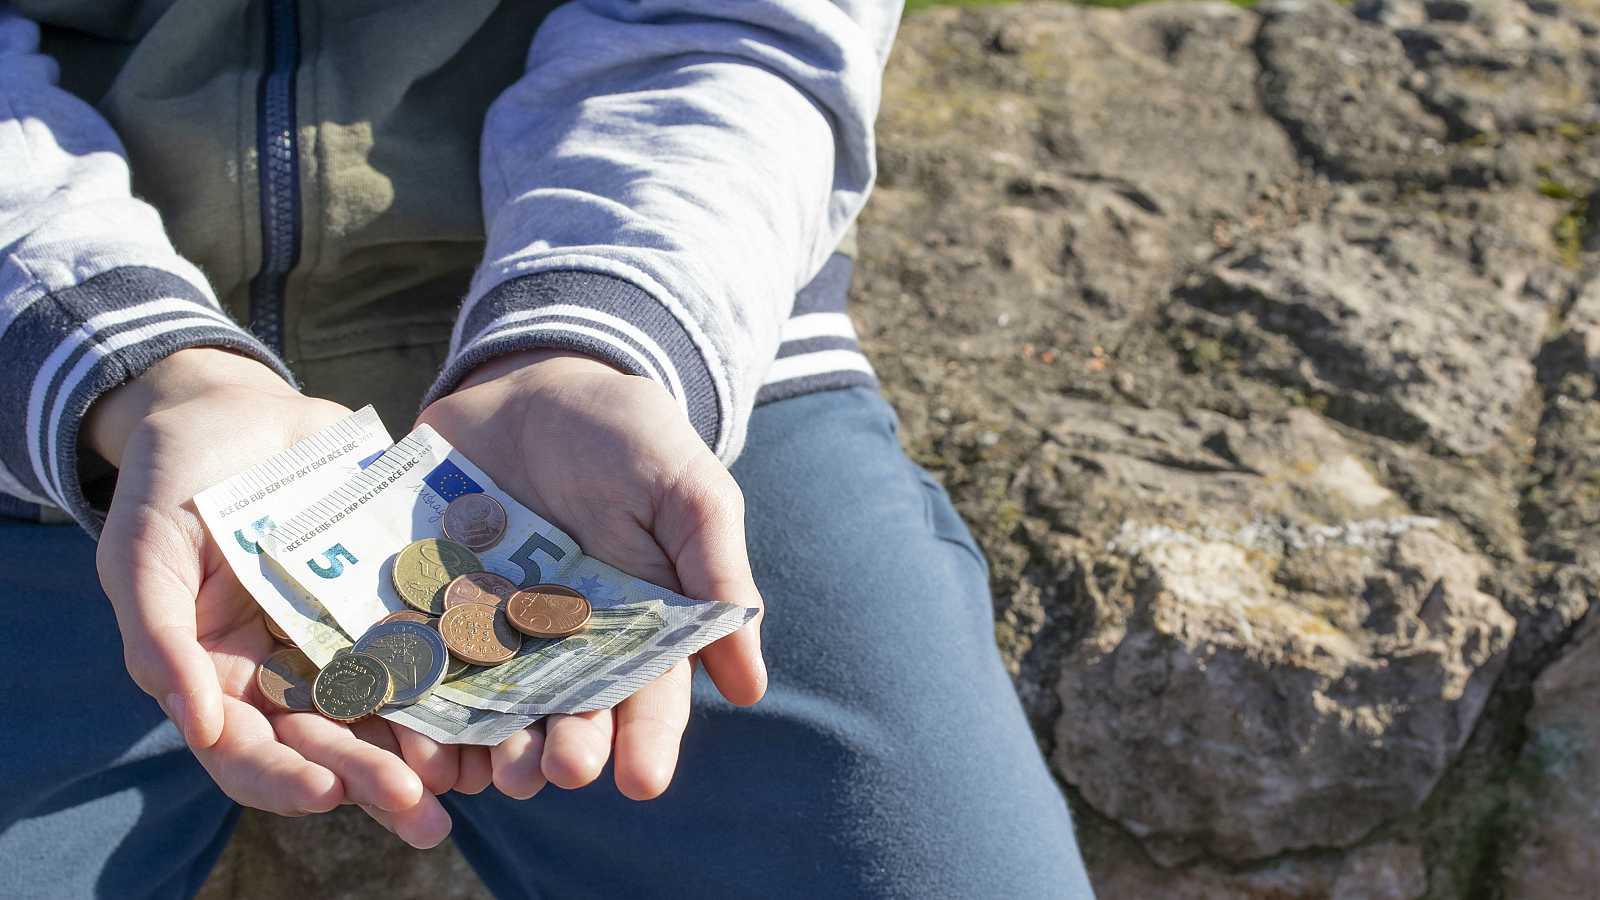 España se sitúa entre los países de la Unión Europea con mayor tasa de pobreza infantil, según UNICEF